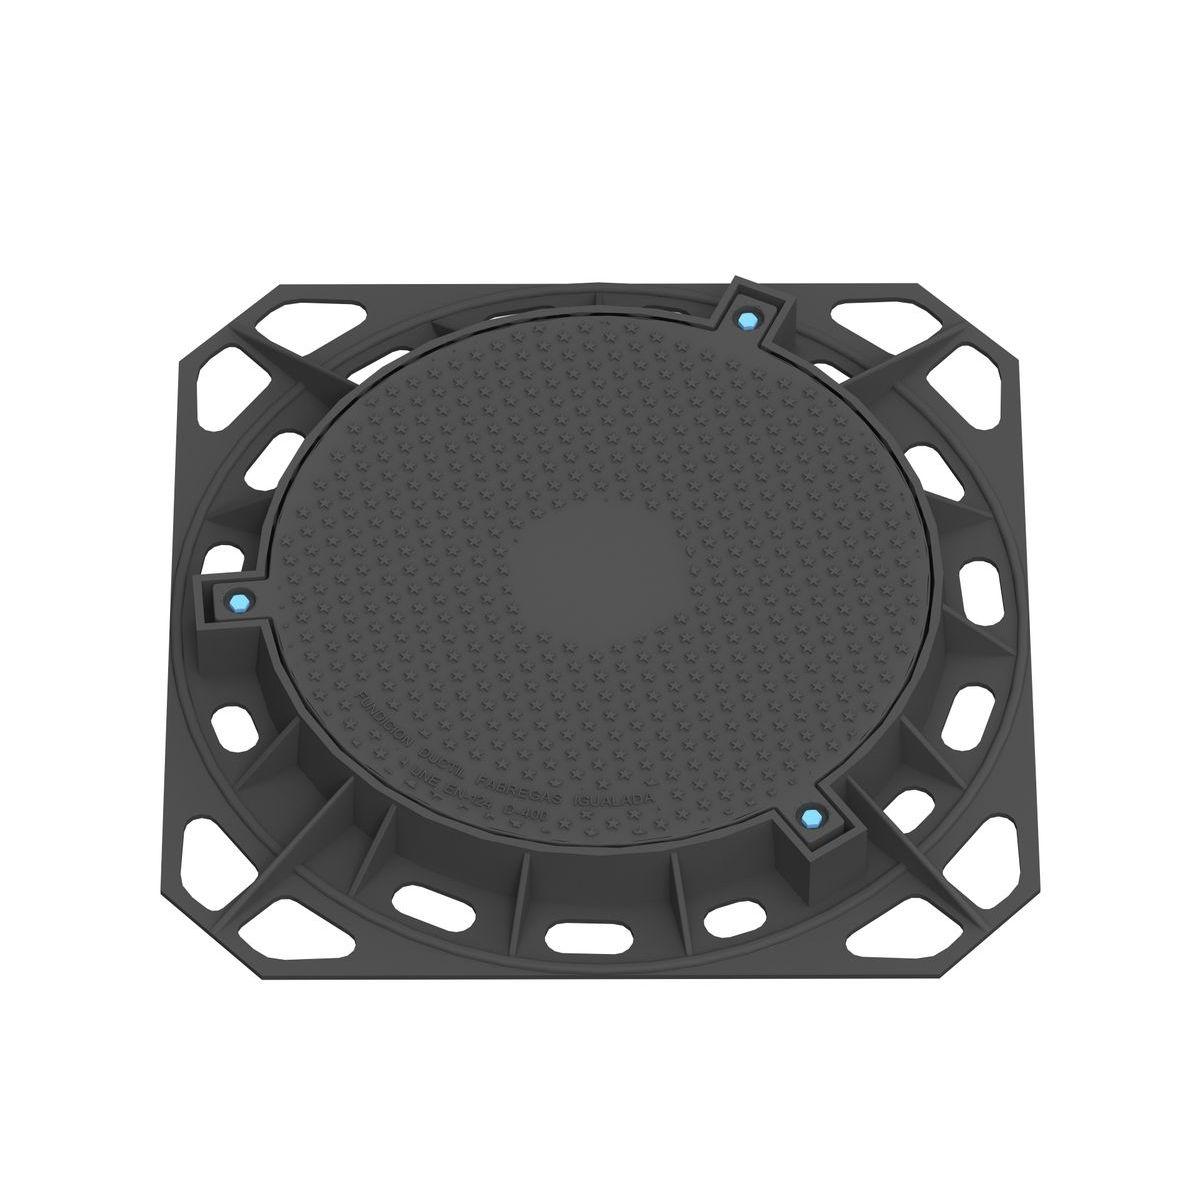 Tapa y marco estancas circular en fundicion ductil D-91